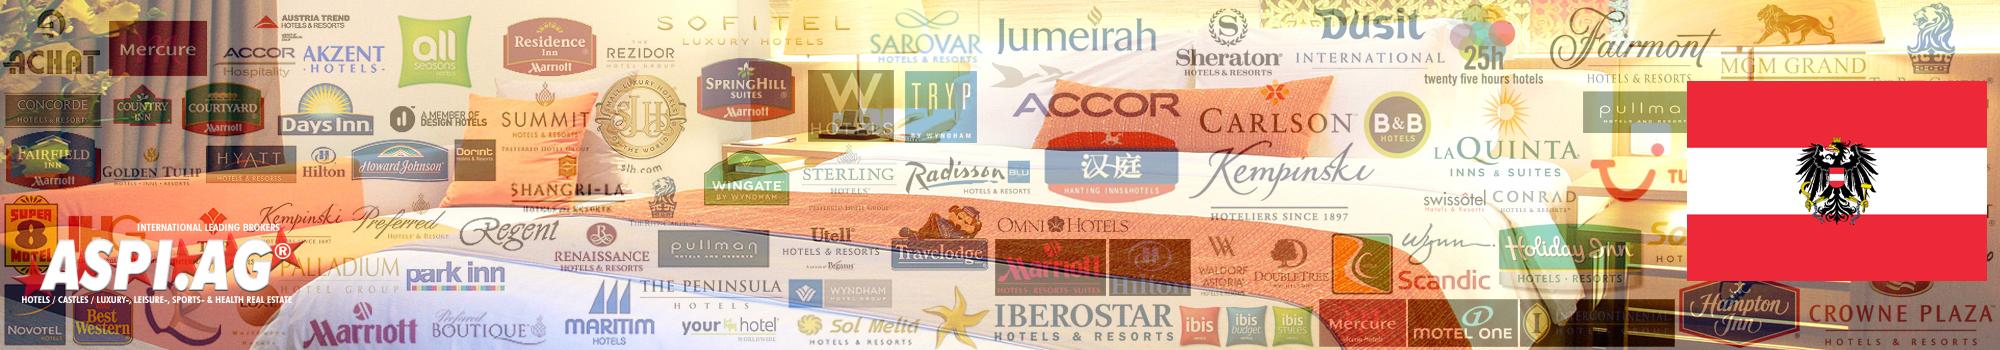 Hotels for sale in Austria, Österreich, Tyrol, Salzburg, Vienna, Kärnten, Steiermark, Burgenland, Vorarlberg, Ober- und Niederösterreich